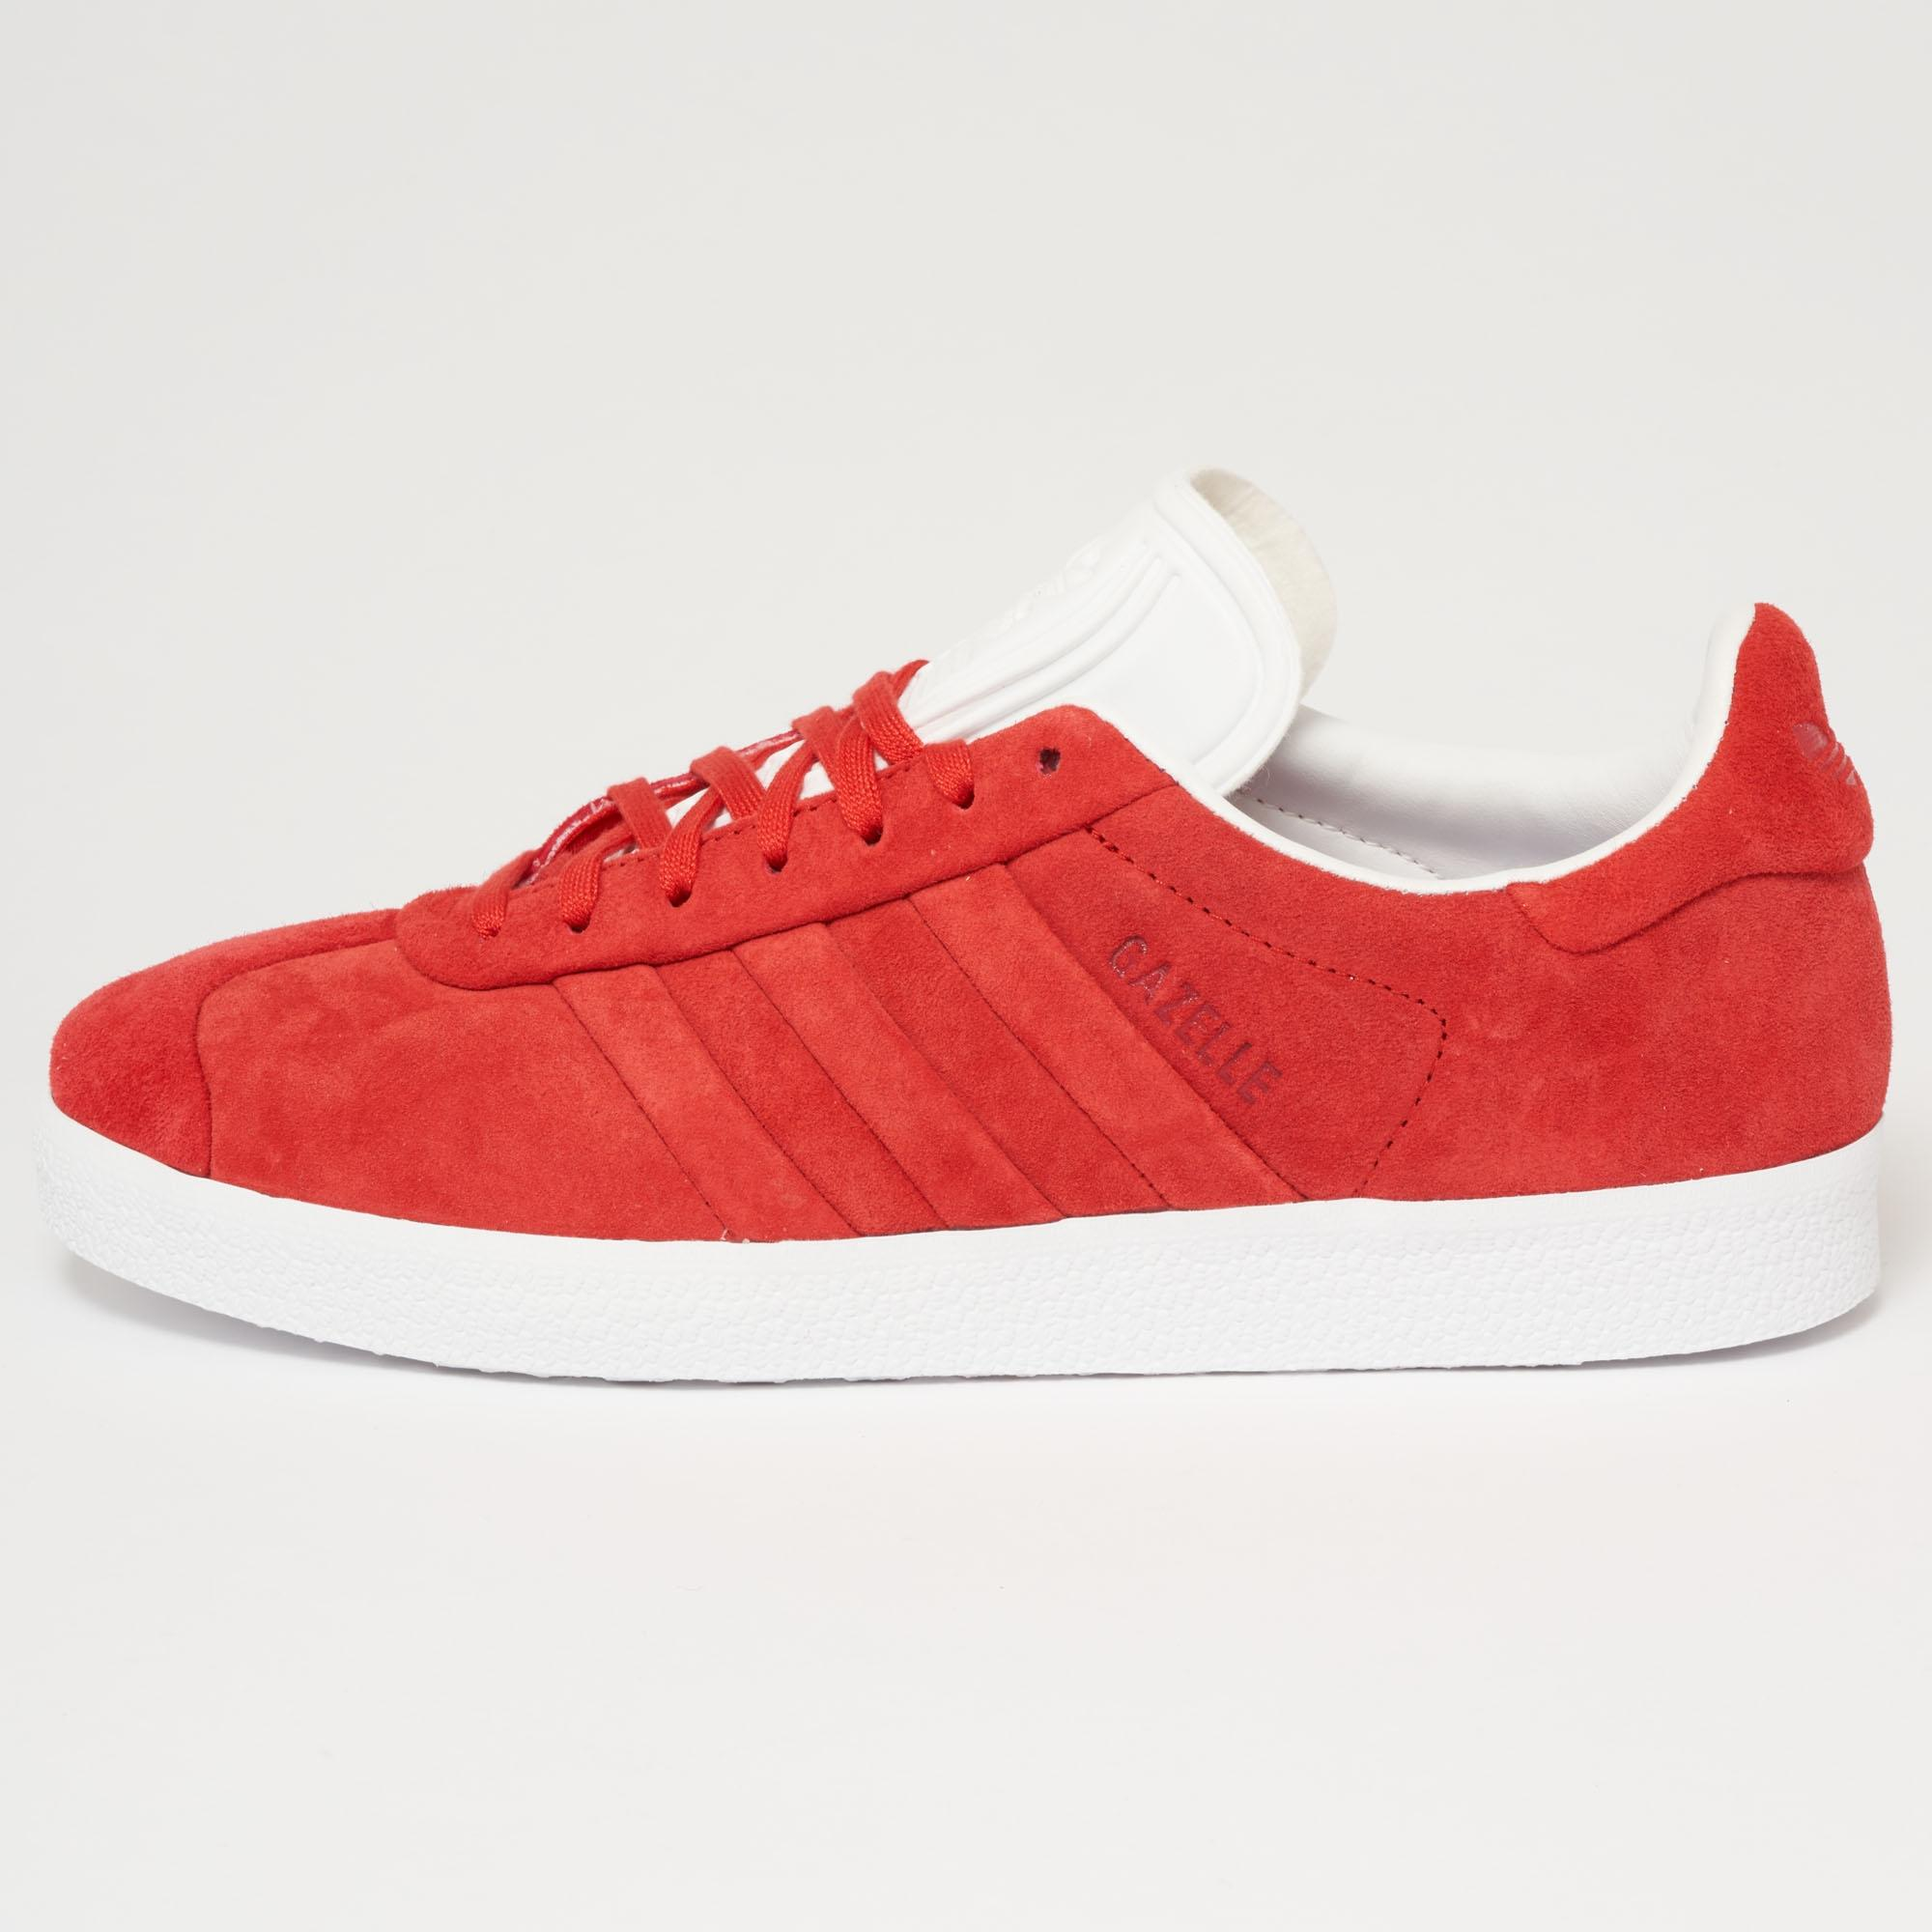 Lyst adidas Originals Gazelle puntada y vuelta Collegiate Rojo en rojo